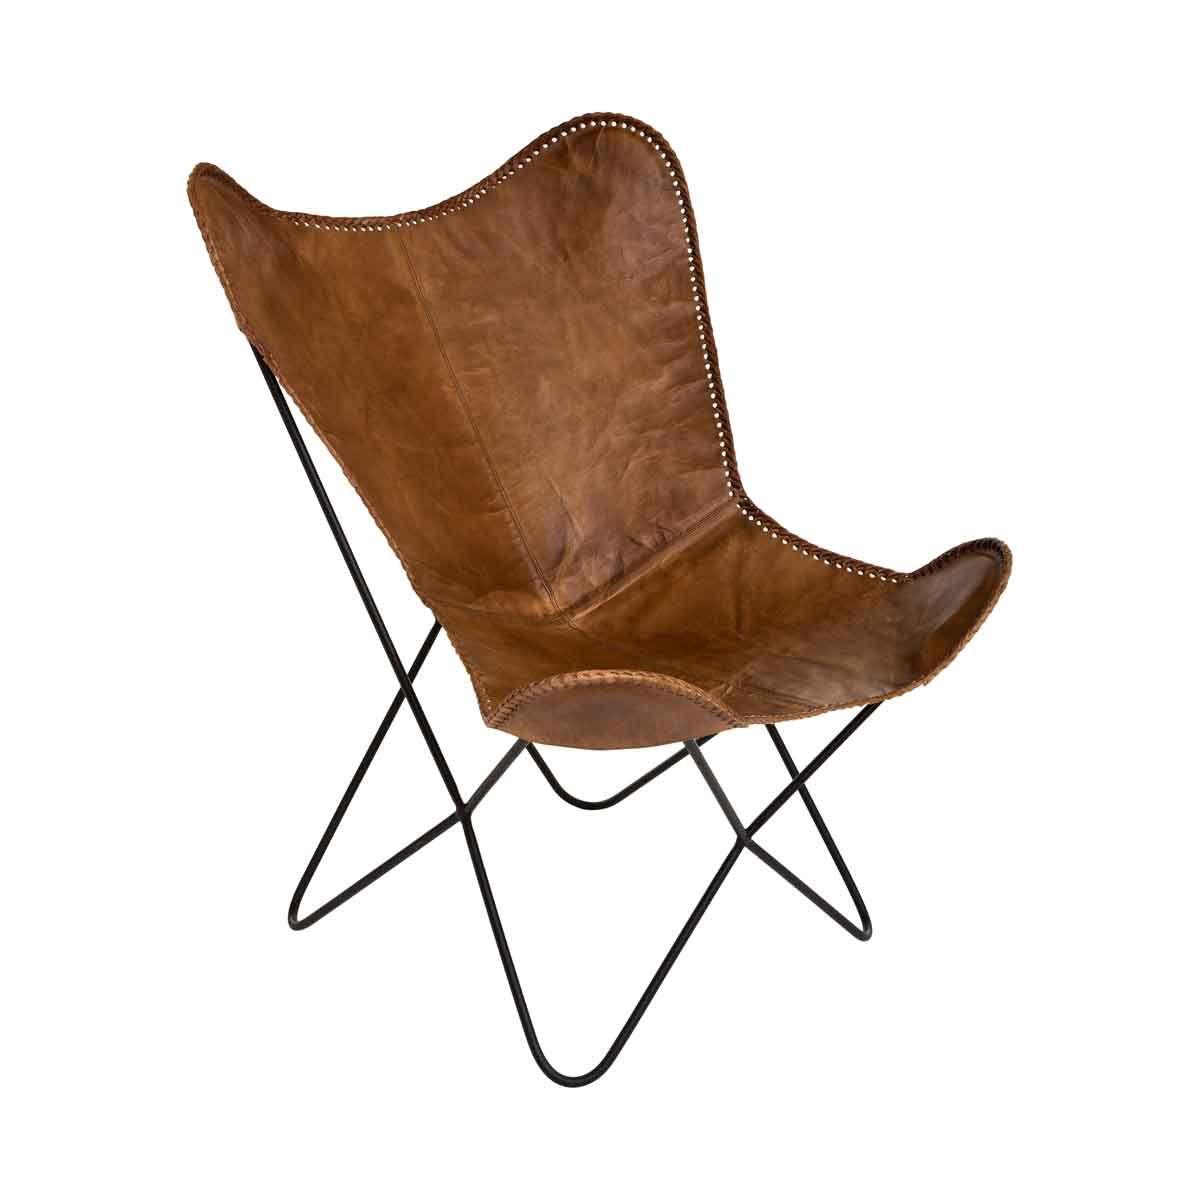 fauteuil papillon en cuir marron